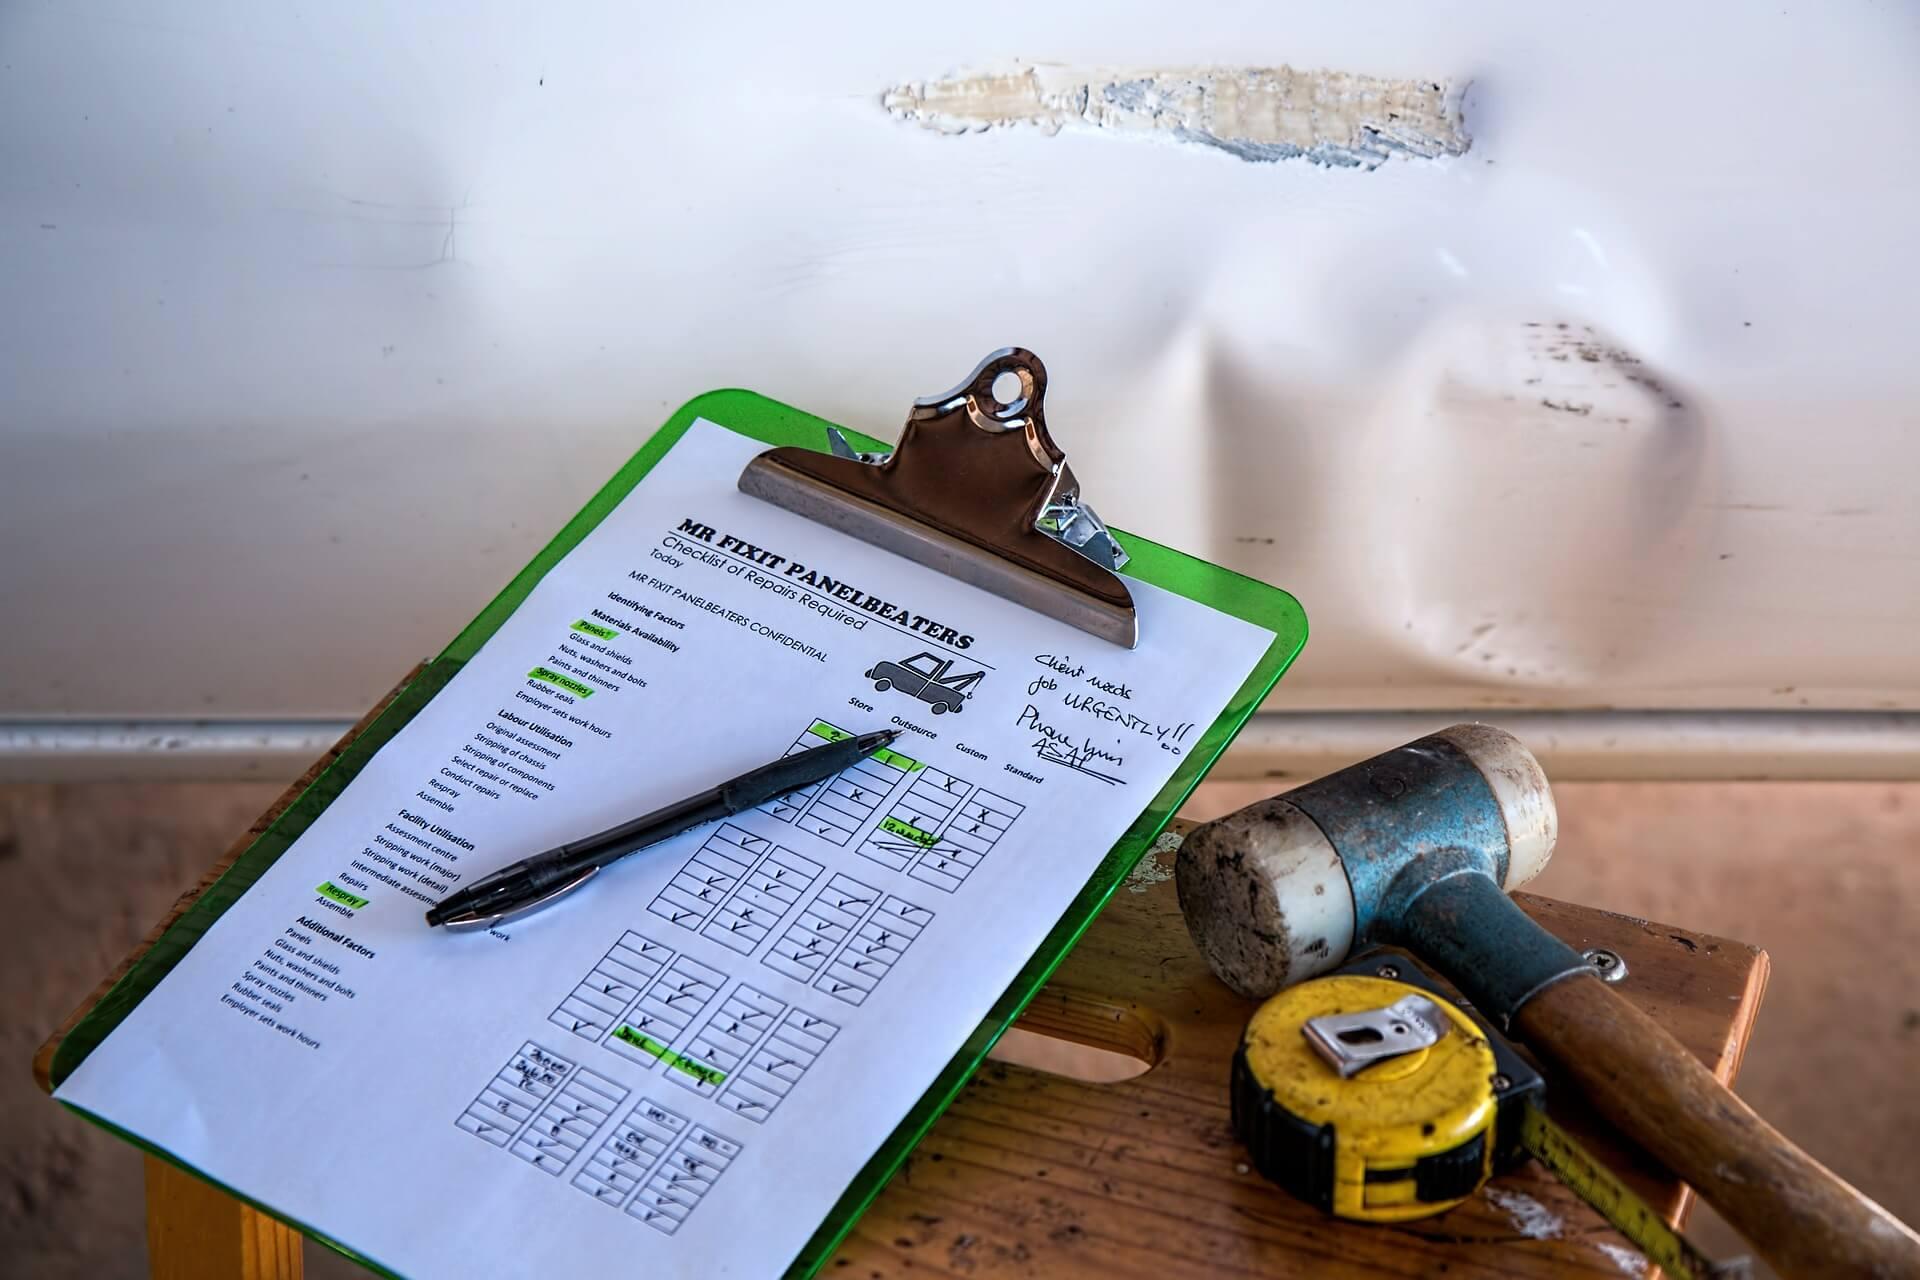 insurance-539659_1920 店舗改修をお考えの方へ|見積もりを出した際の見積書の見方についてご紹介します!